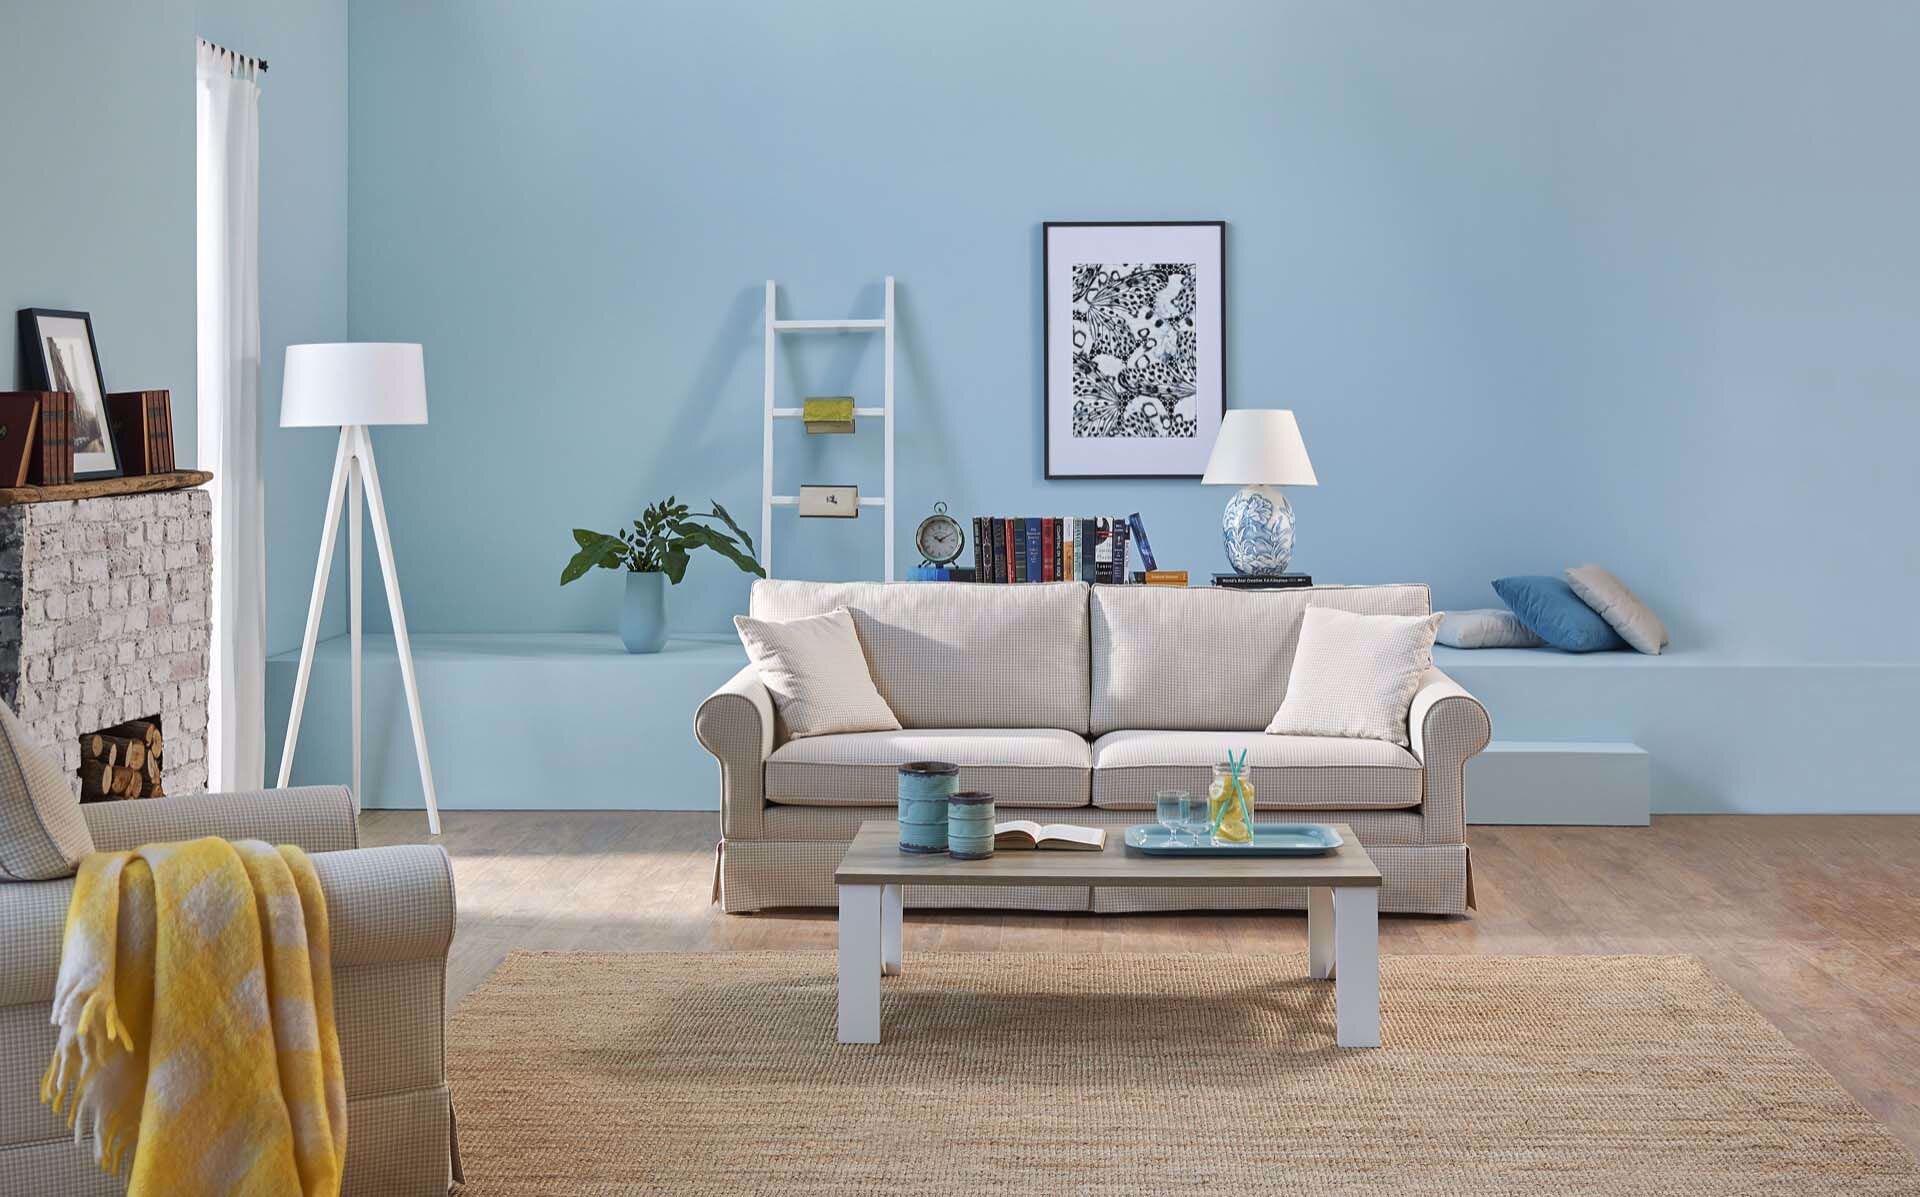 Lexia Two-Seat Sofa